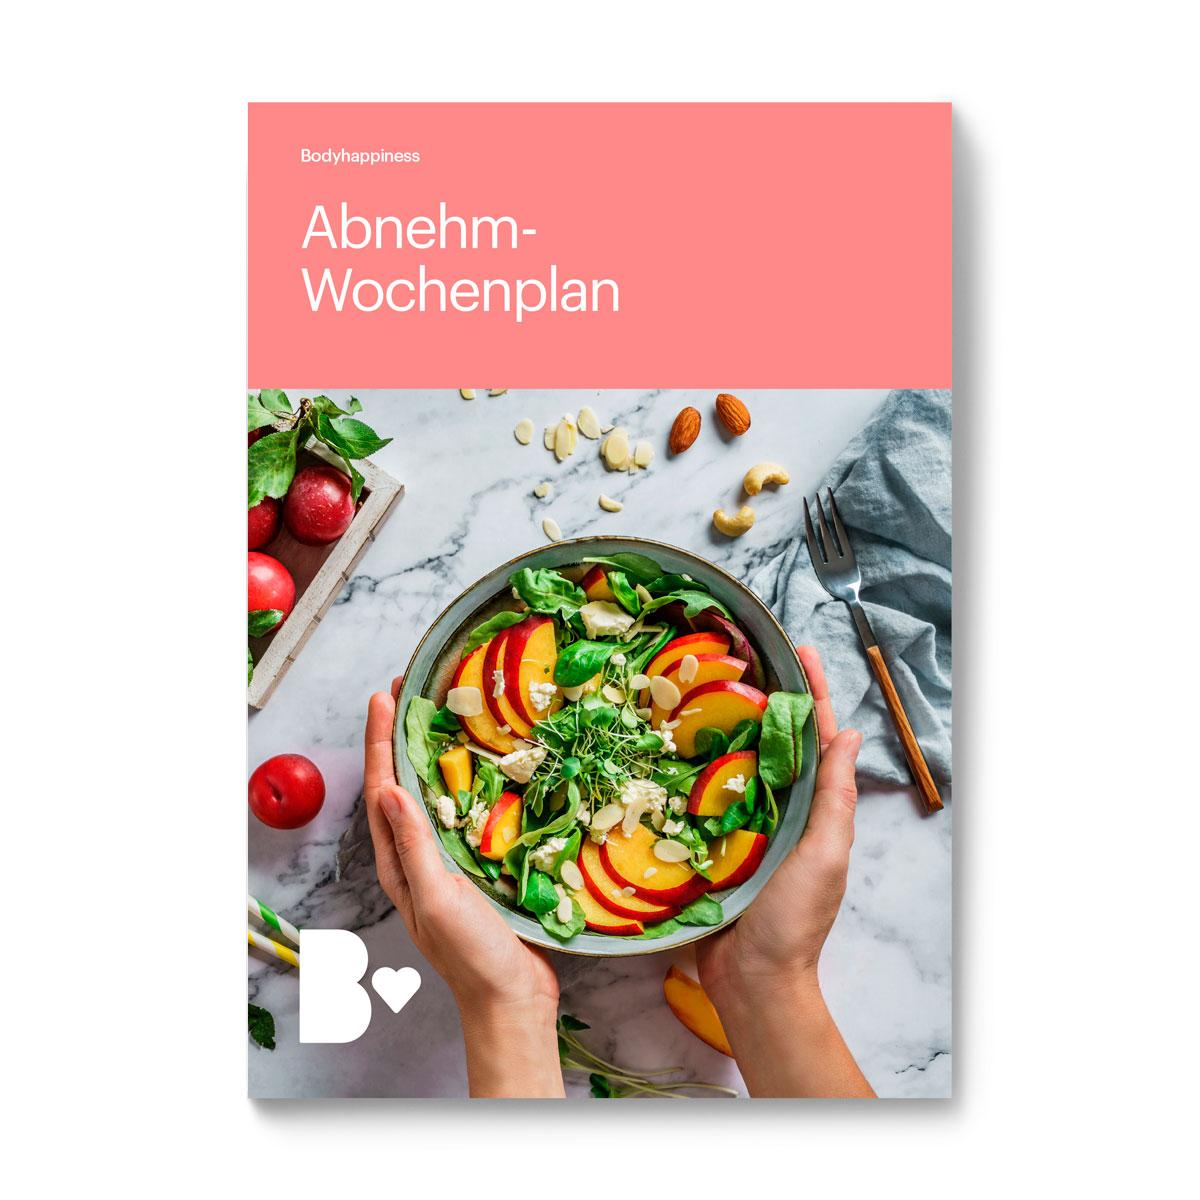 abnehm-wochenplan-prodimage Dauerhaft abnehmen mit der Eiweiß-Diät